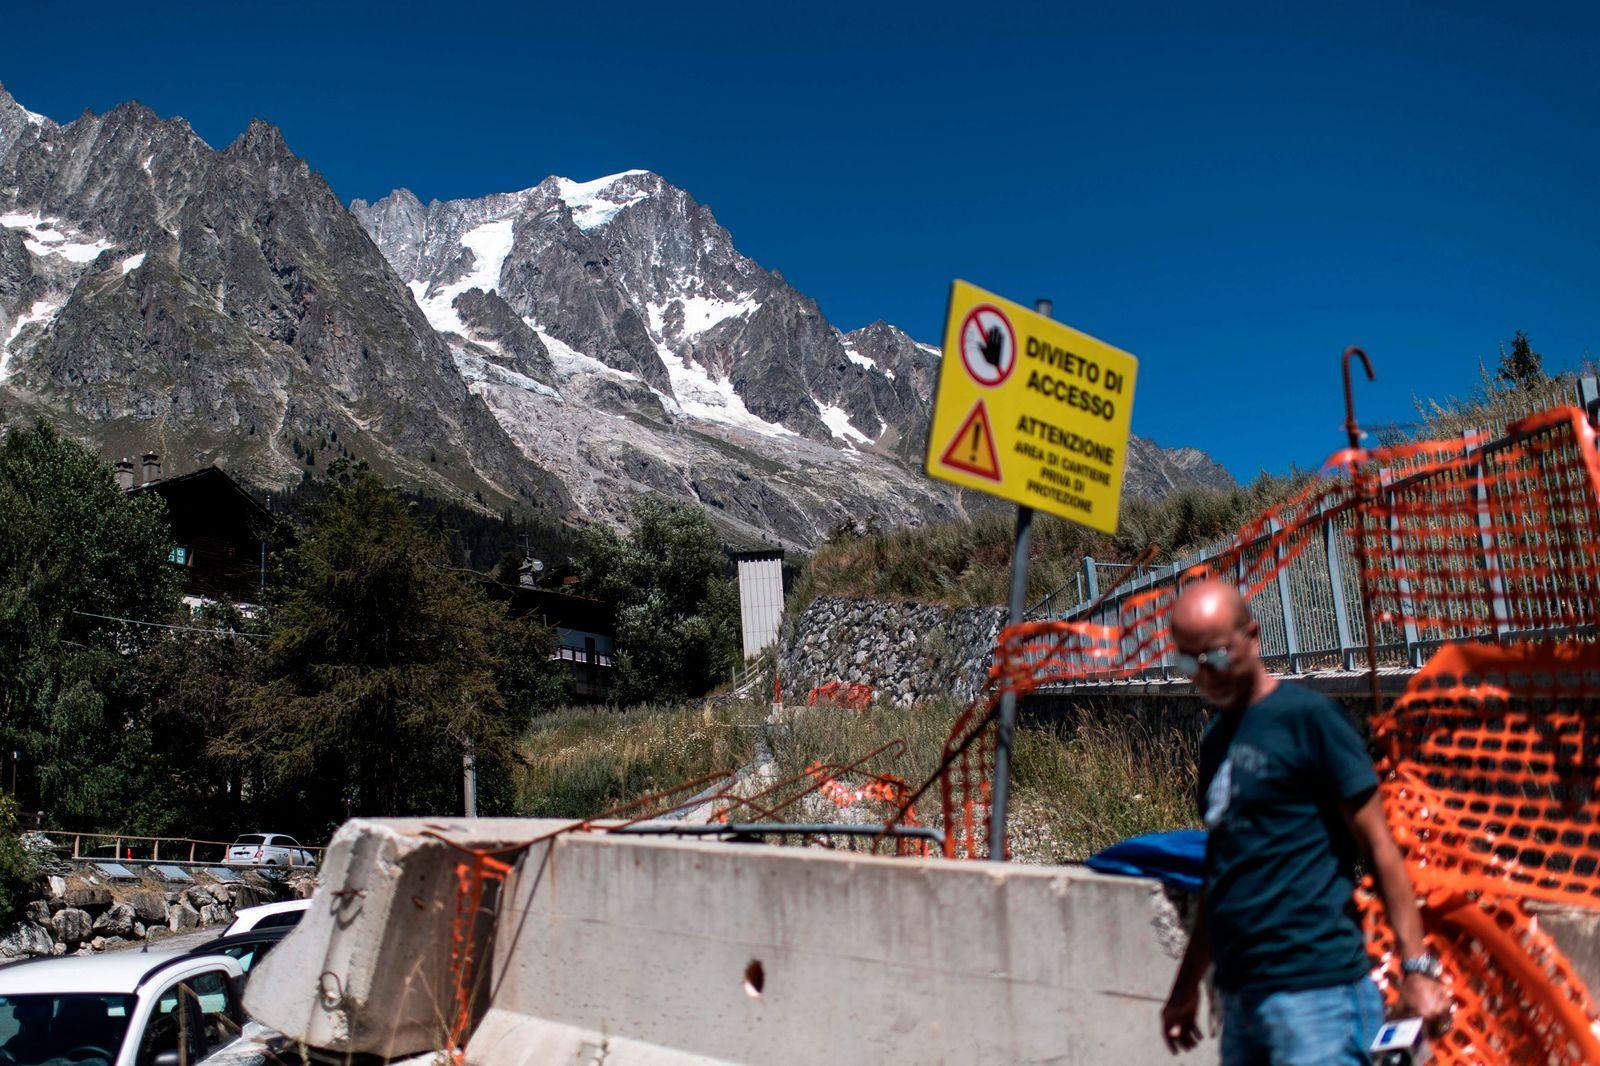 ITALY-GLACIER-ENVIRONMENT-EVACUATION